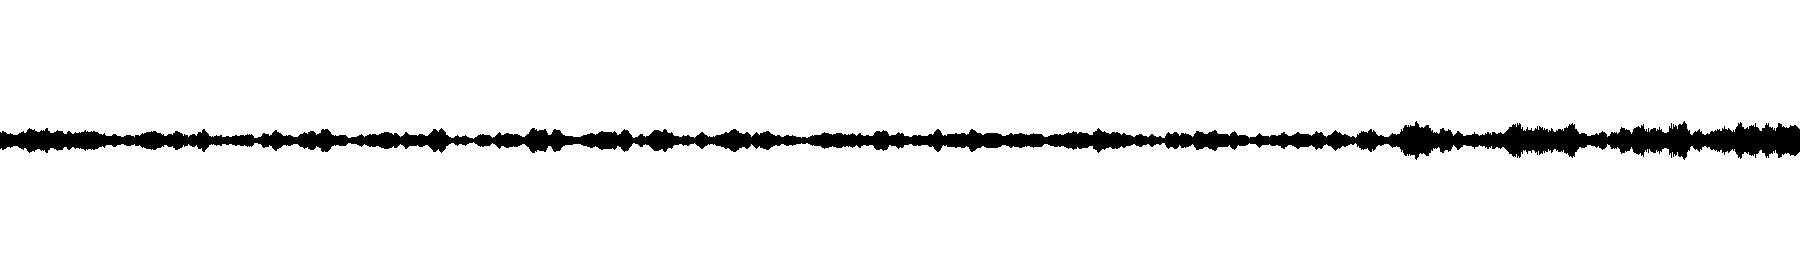 pth synth 08b